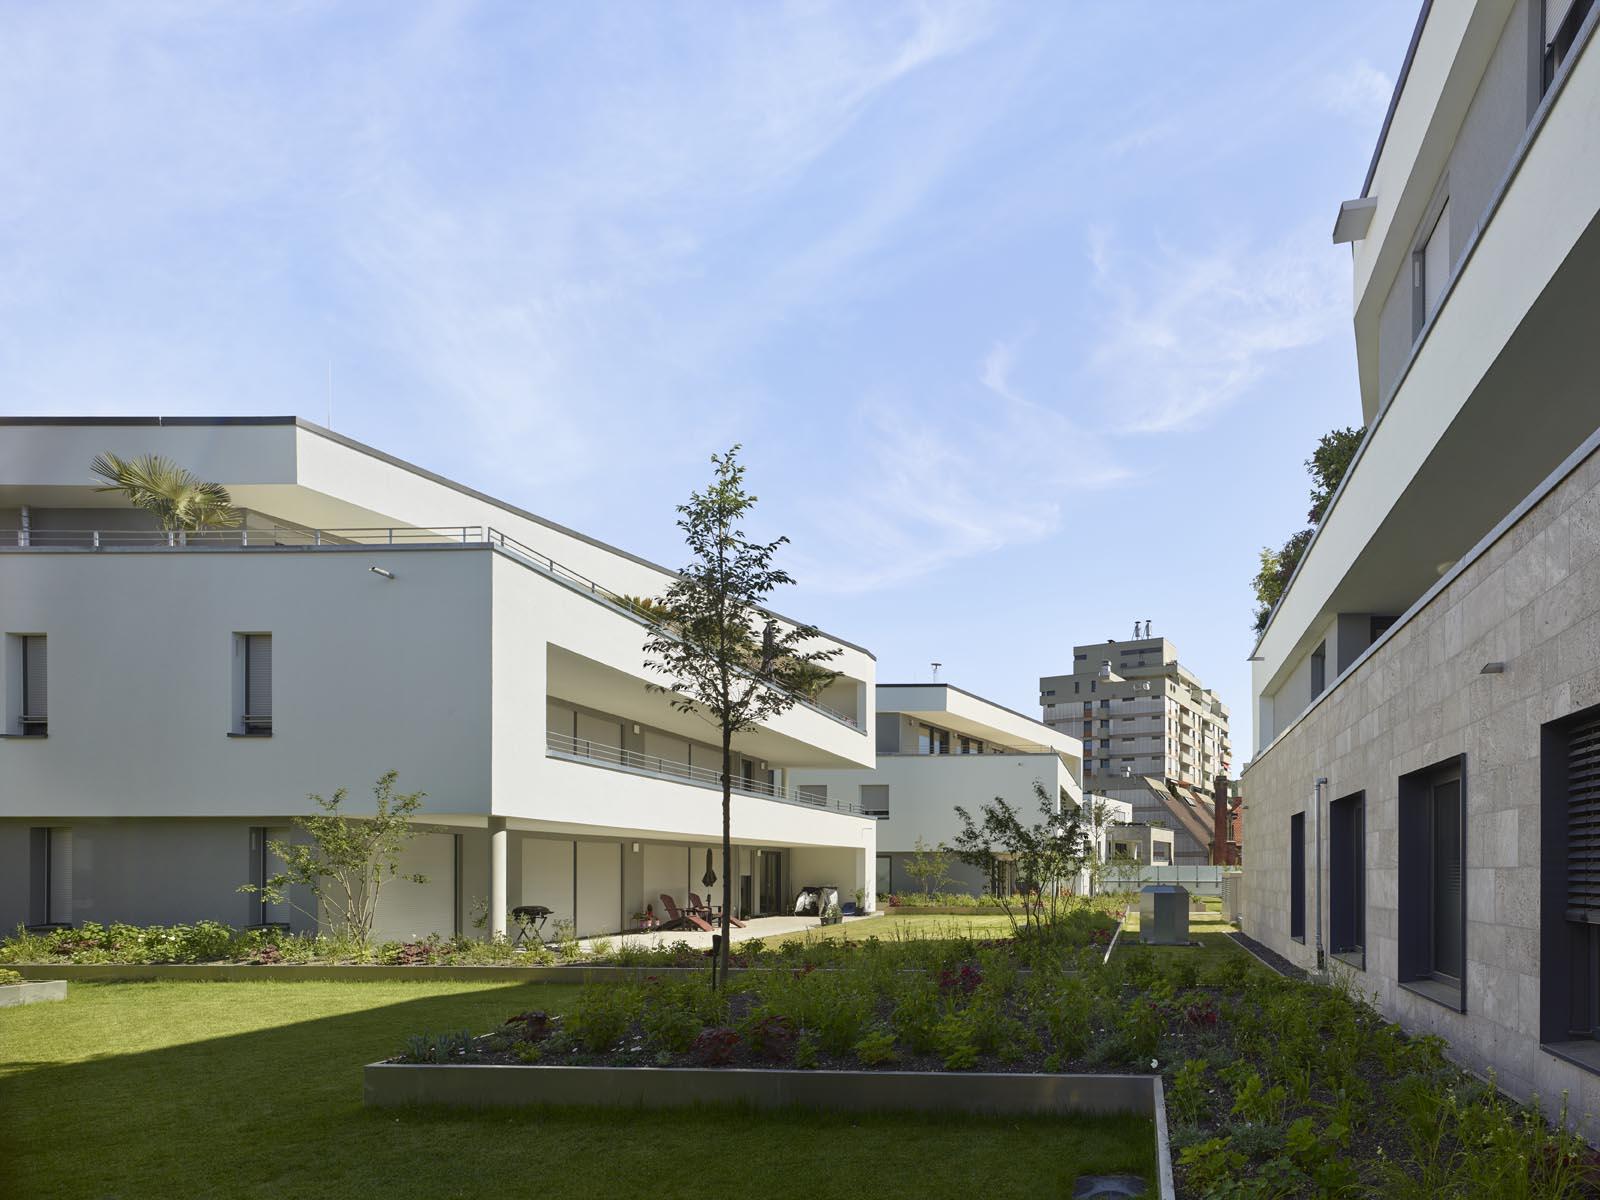 Wüst Areal Smart home und Einkaufen